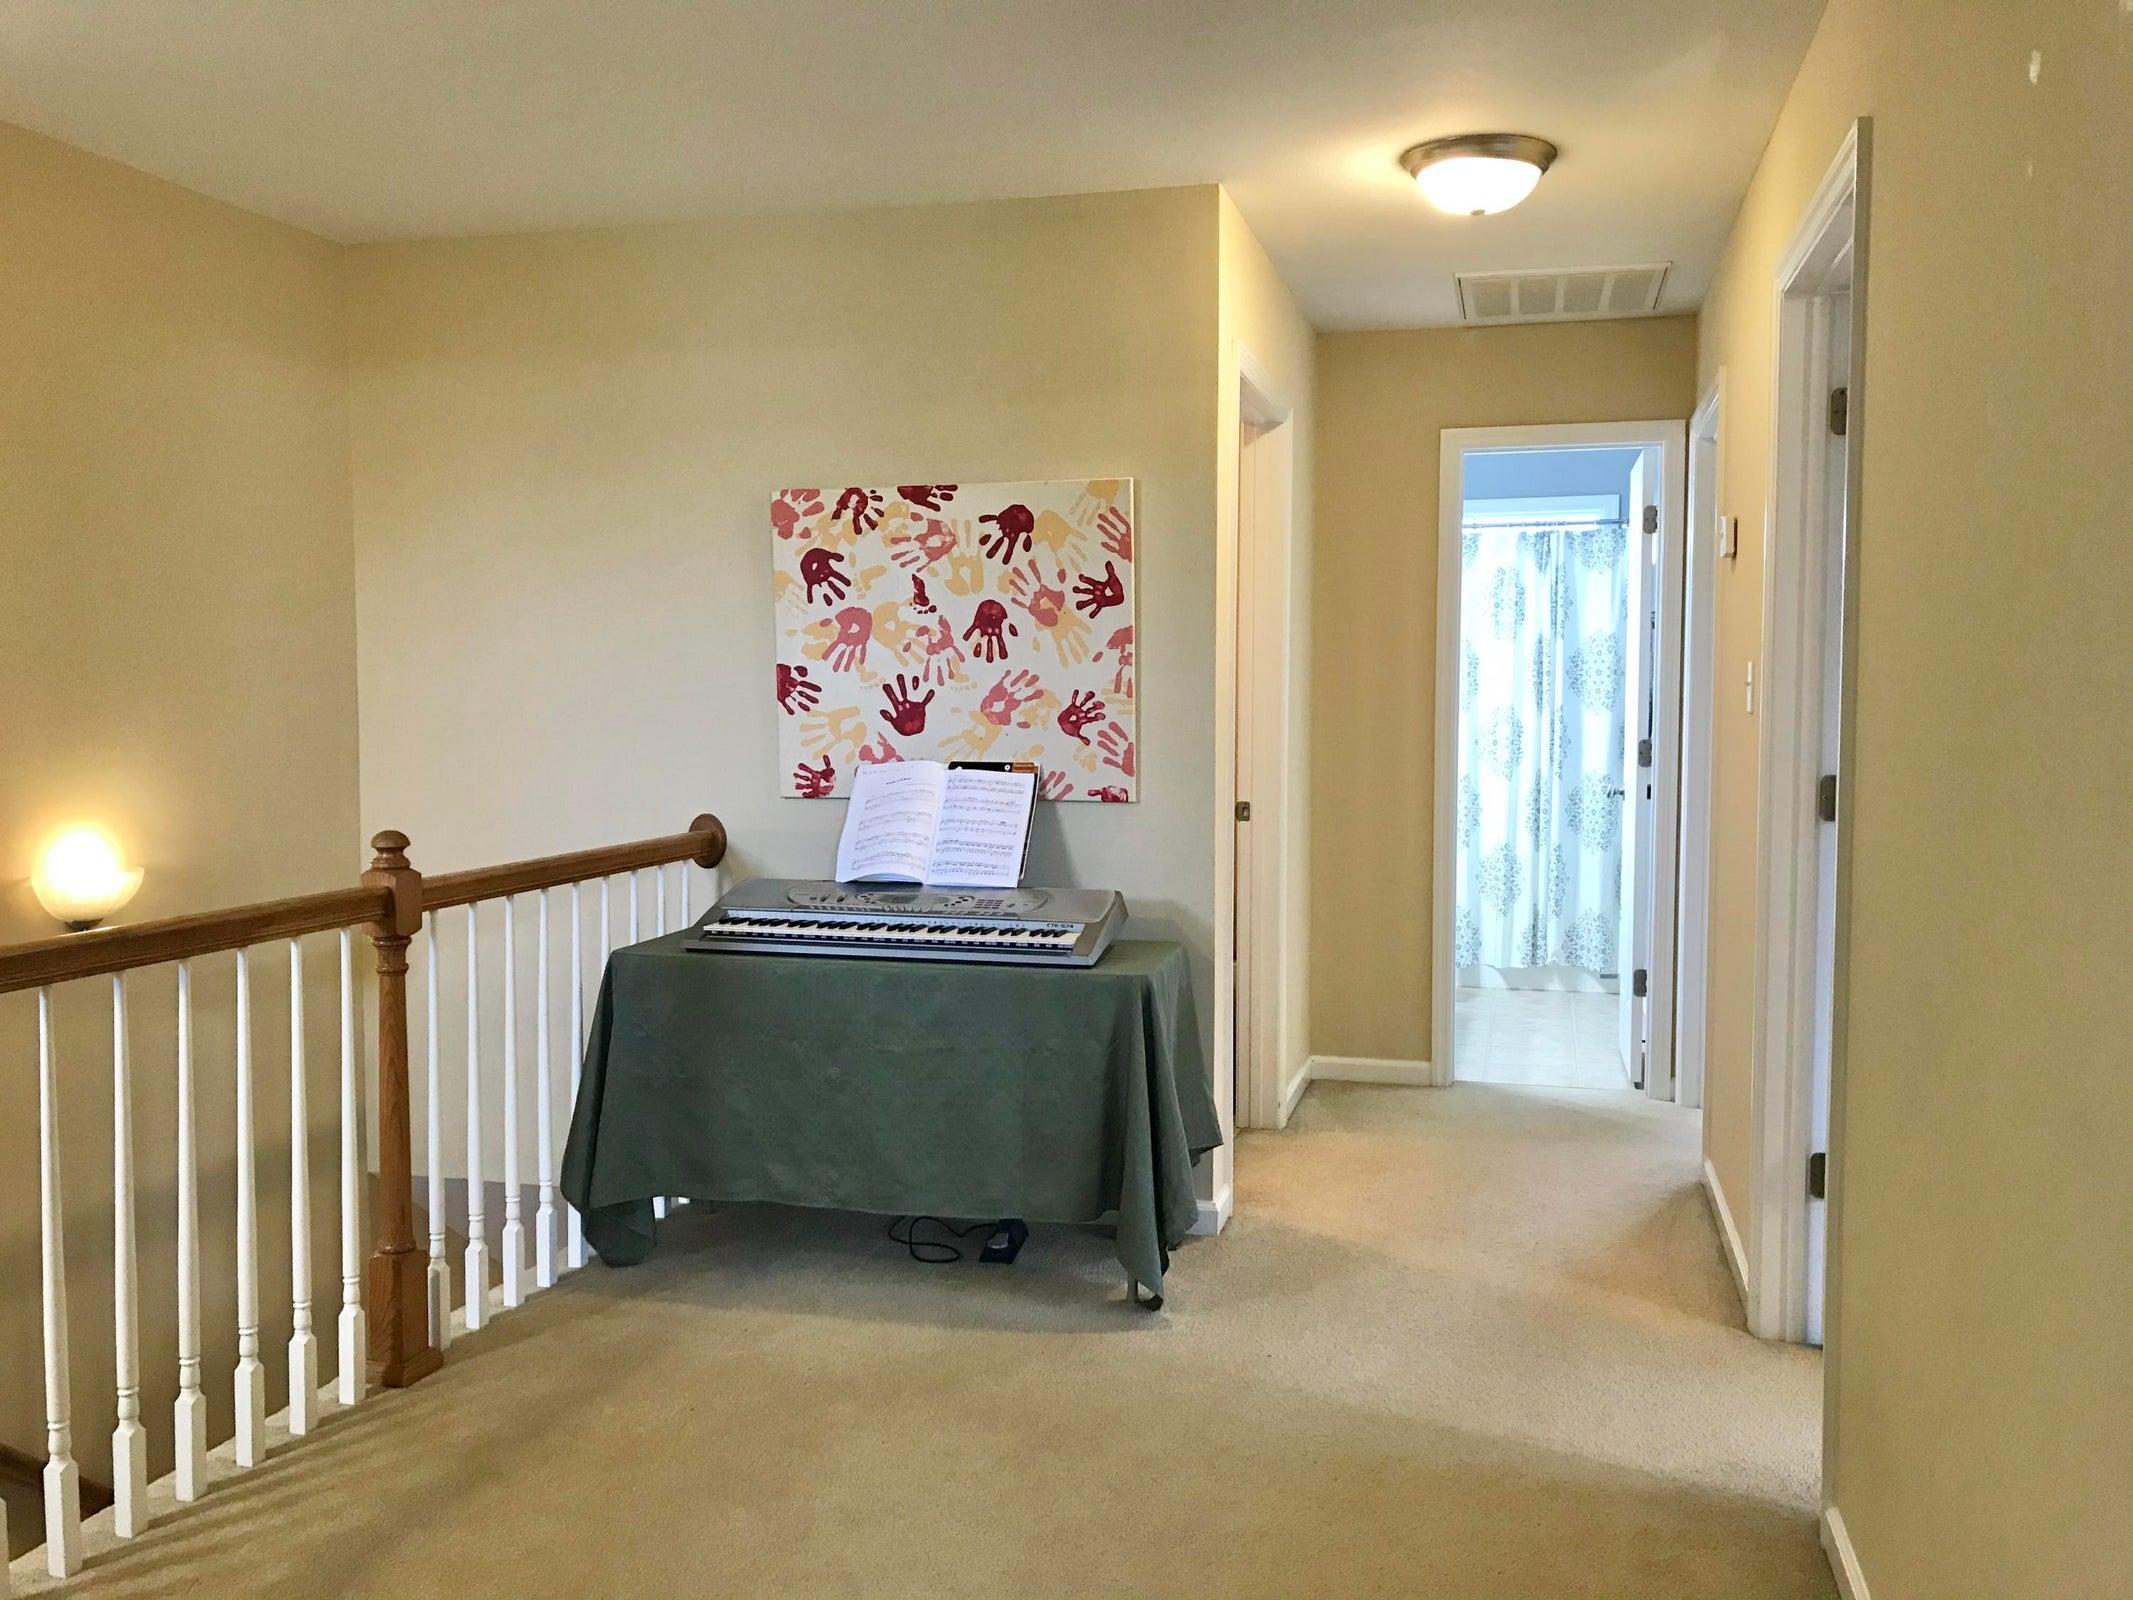 Spacious hallway nook